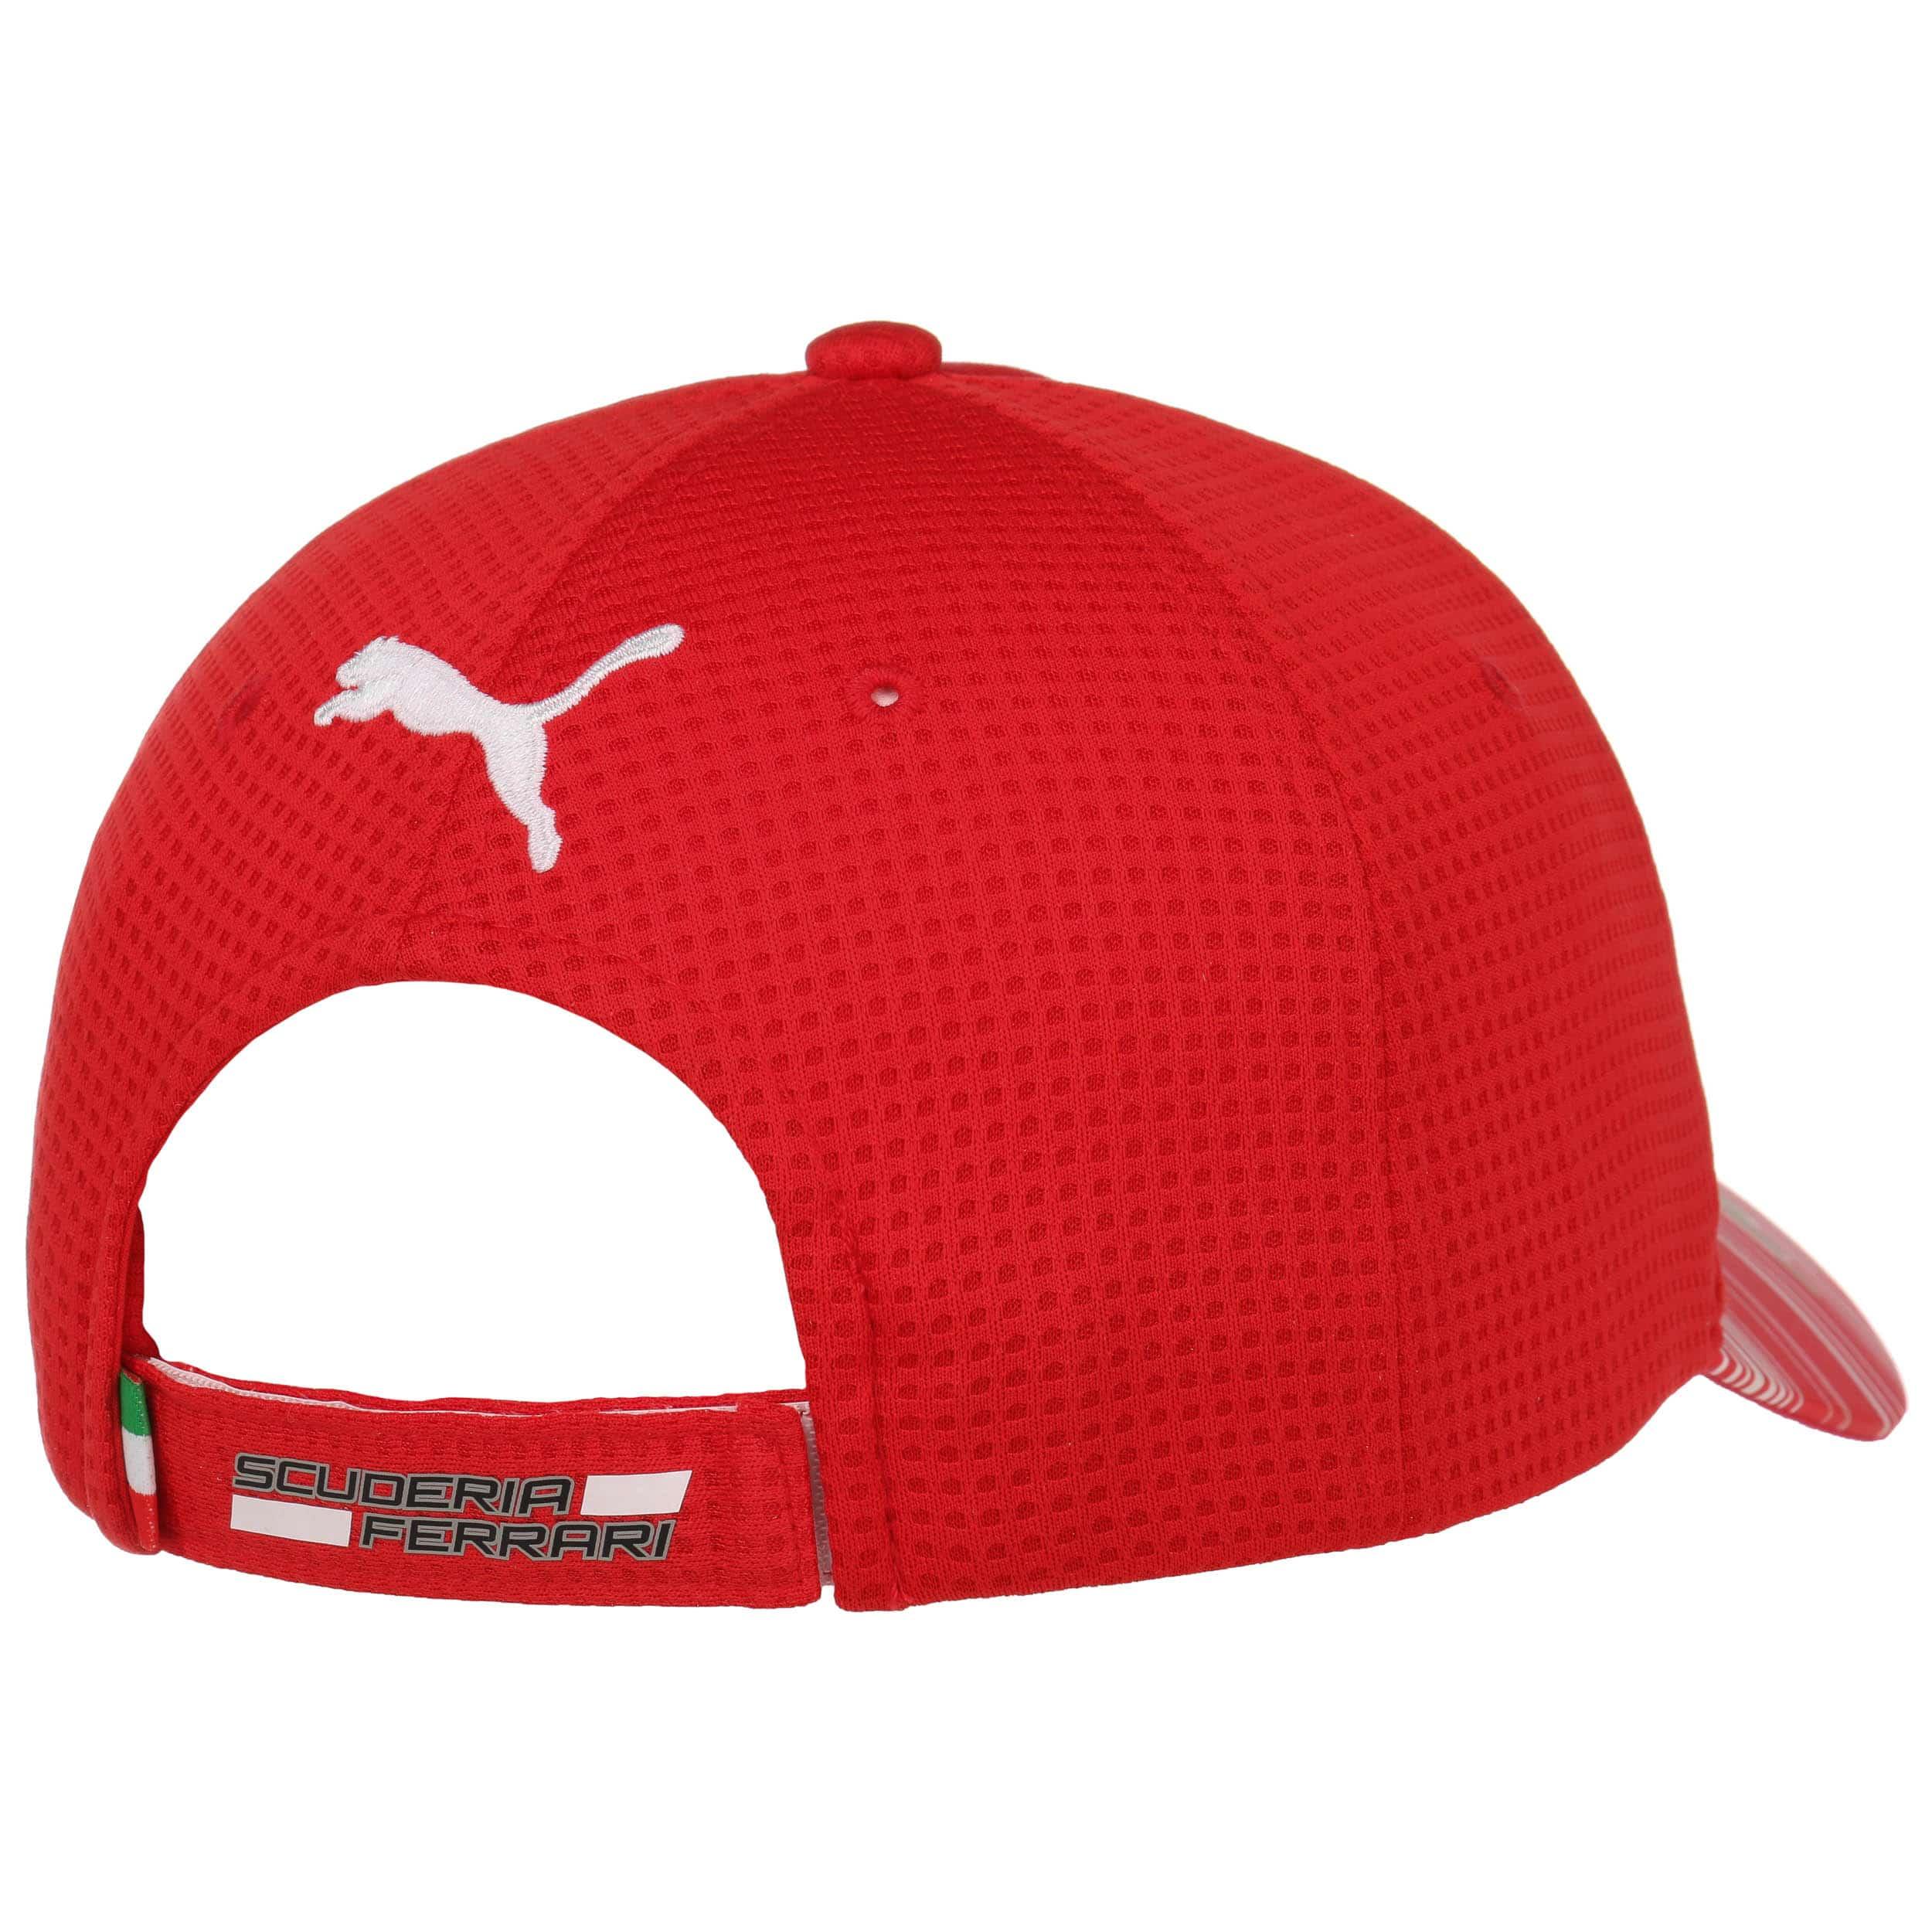 ... Ferrari Replica Team Cap by PUMA - red 3 ... c72adb1aacd9